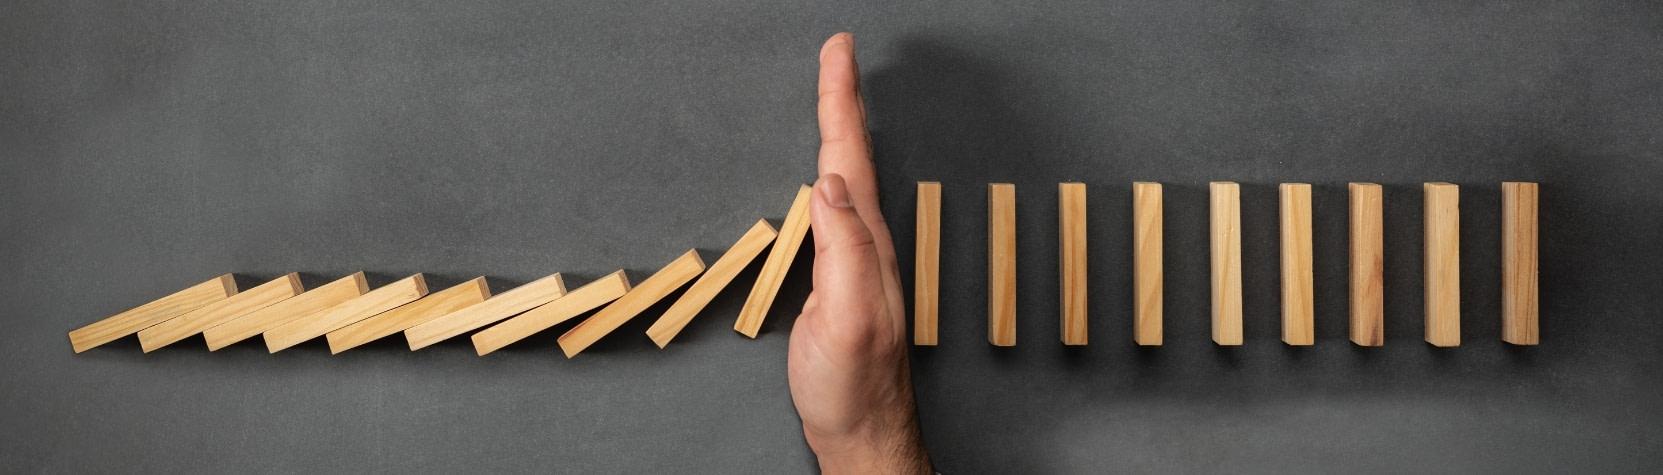 Vds training consultants blog tools mentale kracht ontwikkelen energiemanagement spanningsregulatie